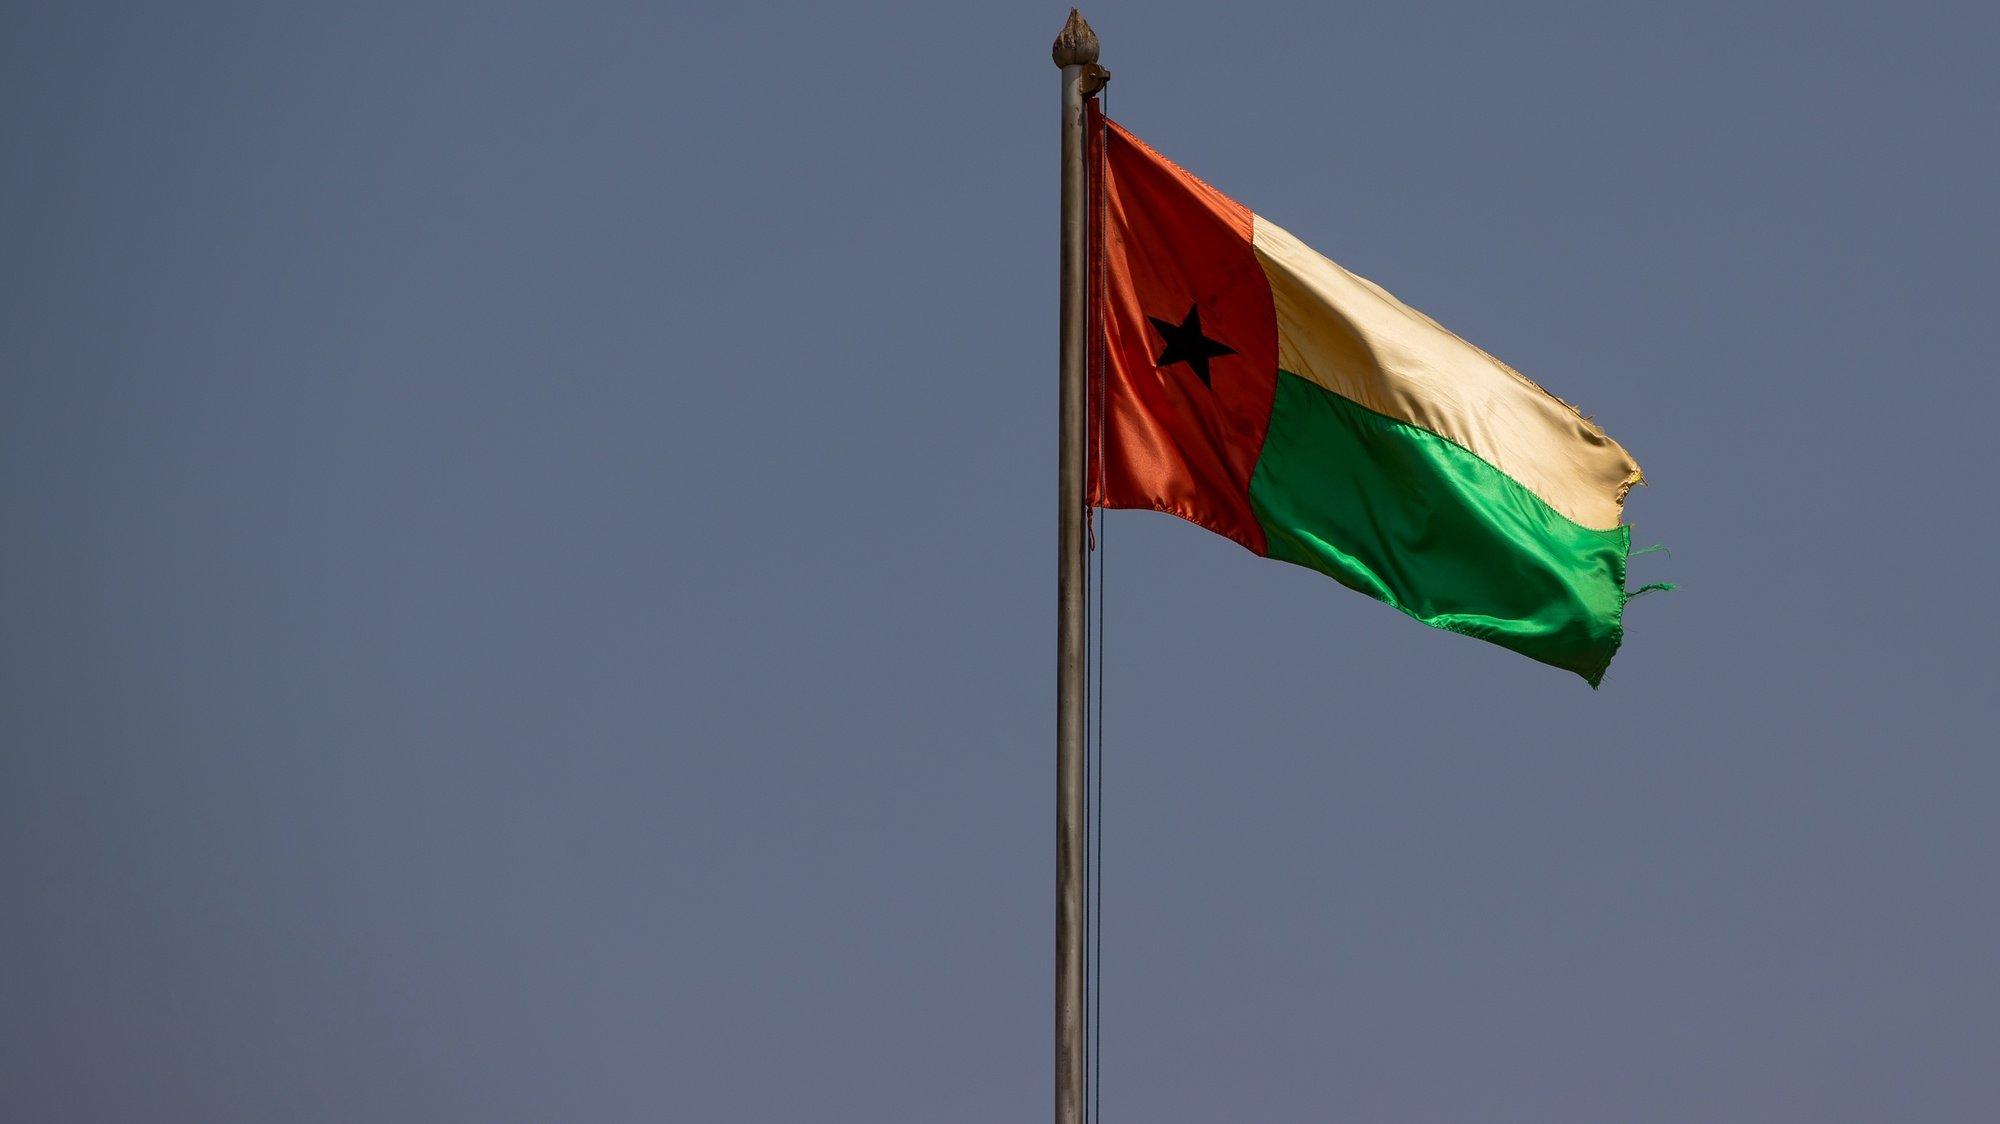 Bandeira da Guiné-Bissau, em Bissau, na Guiné-Bissau, 16 de maio de 2021. JOSÉ SENA GOULÃO/LUSA